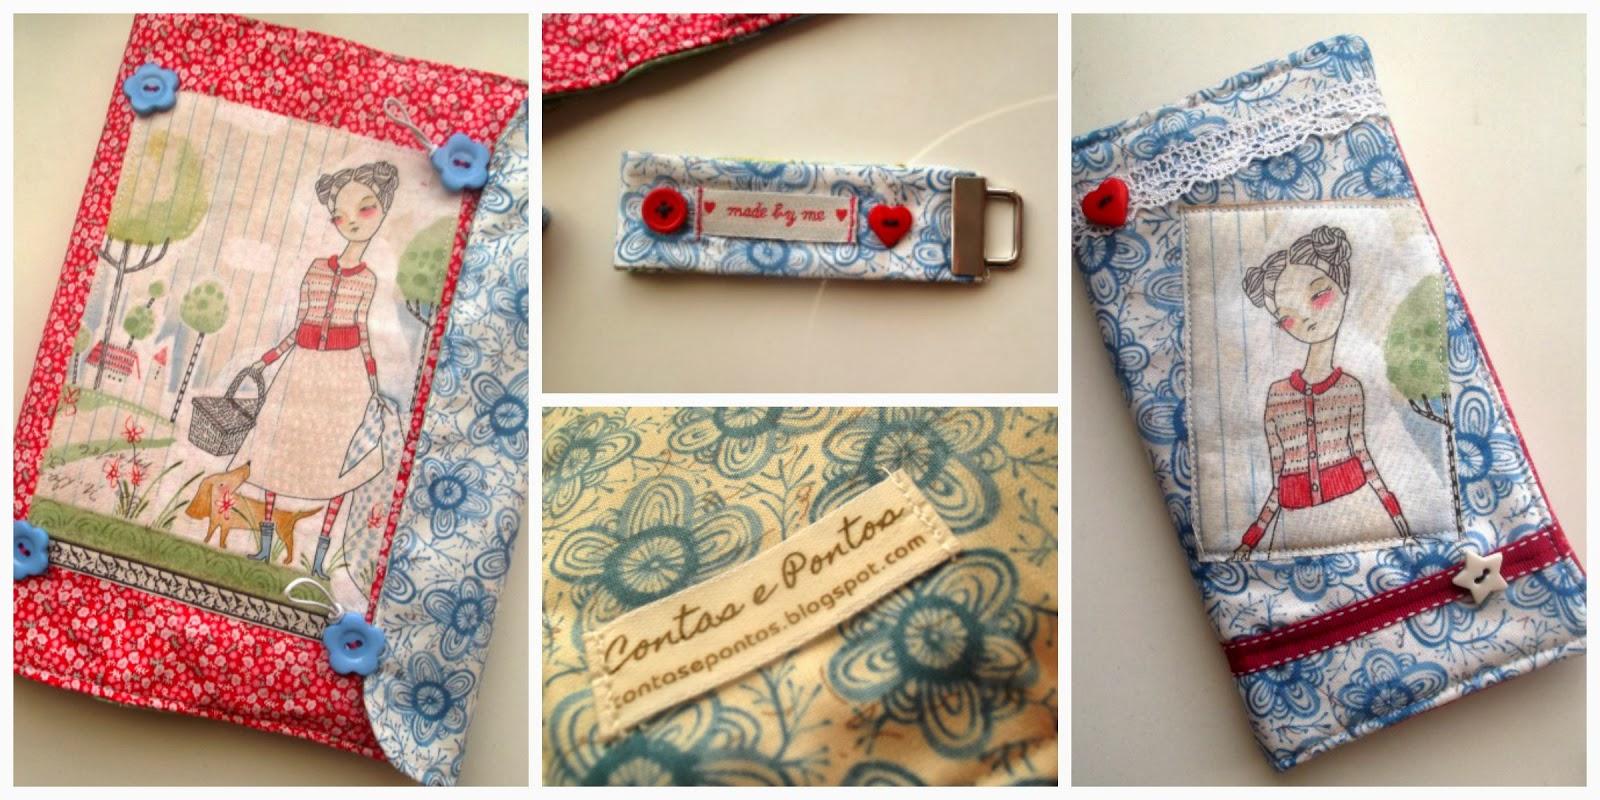 Capa de livro, capa de agenda e porta-chaves em tecido